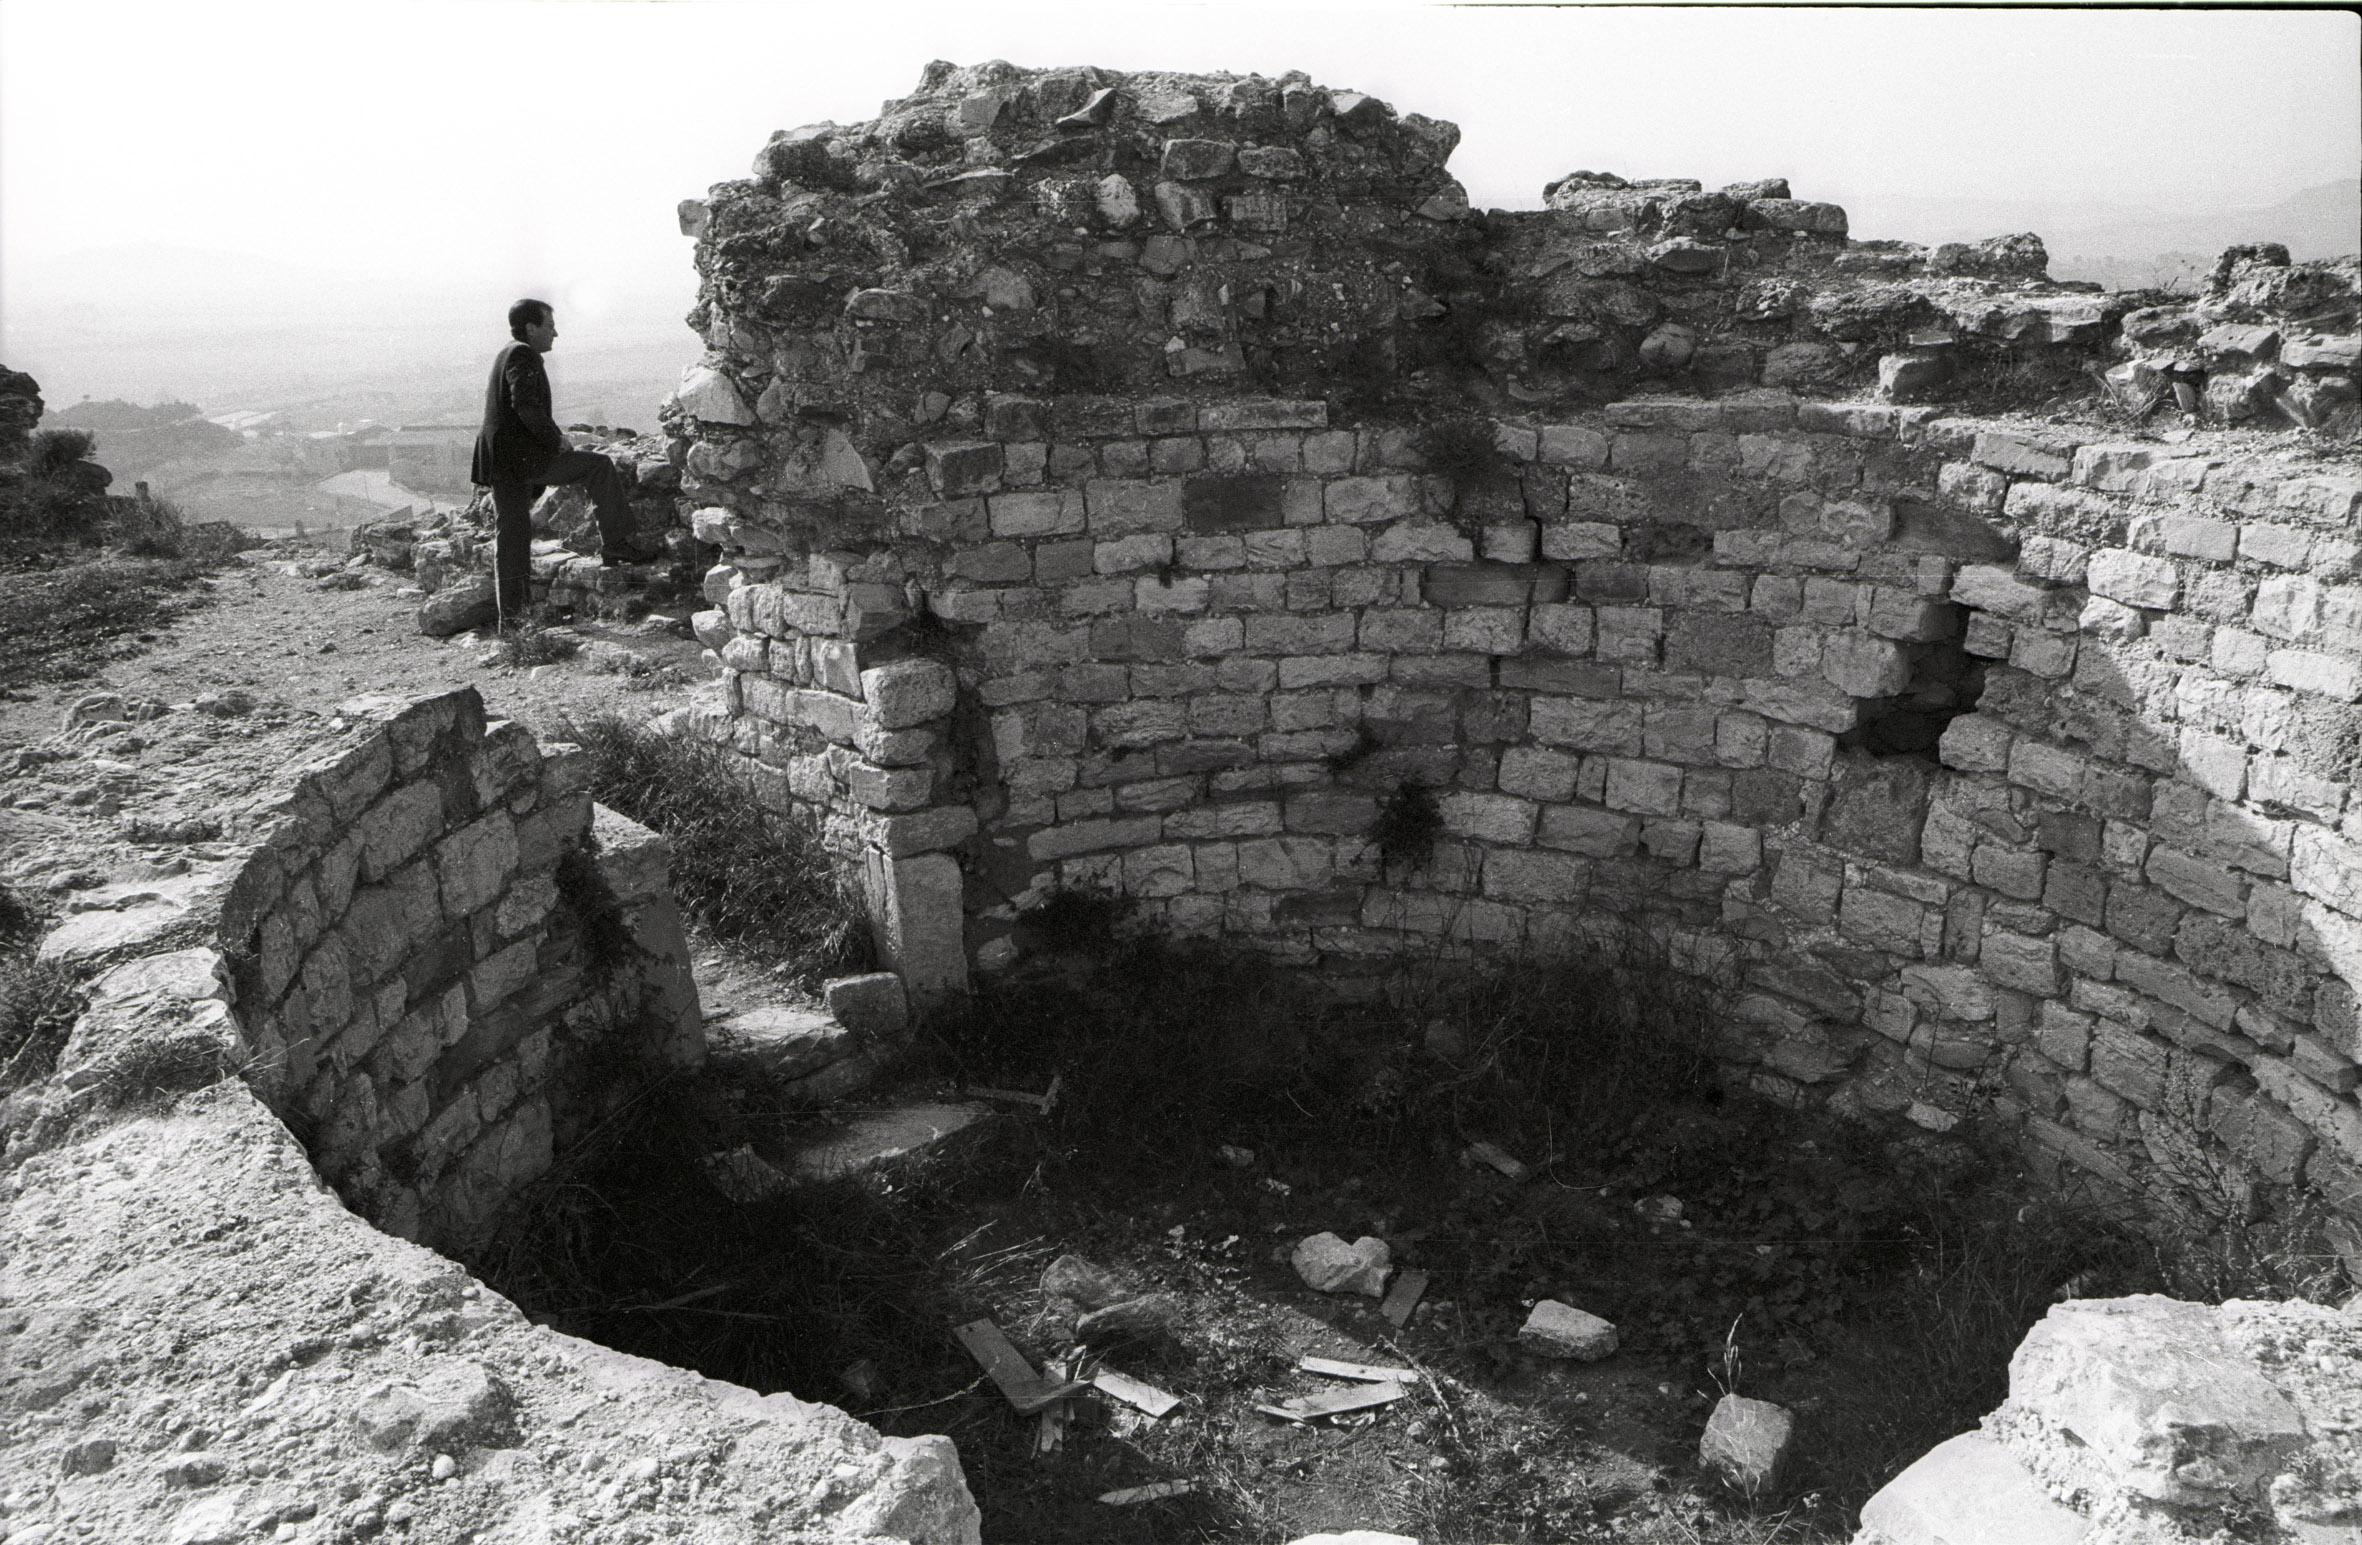 José Agustín Goytisolo en las ruinas del castillo de Barberà, en 1984. La intervención del poeta fue fundamental para la recuperación del monumento.